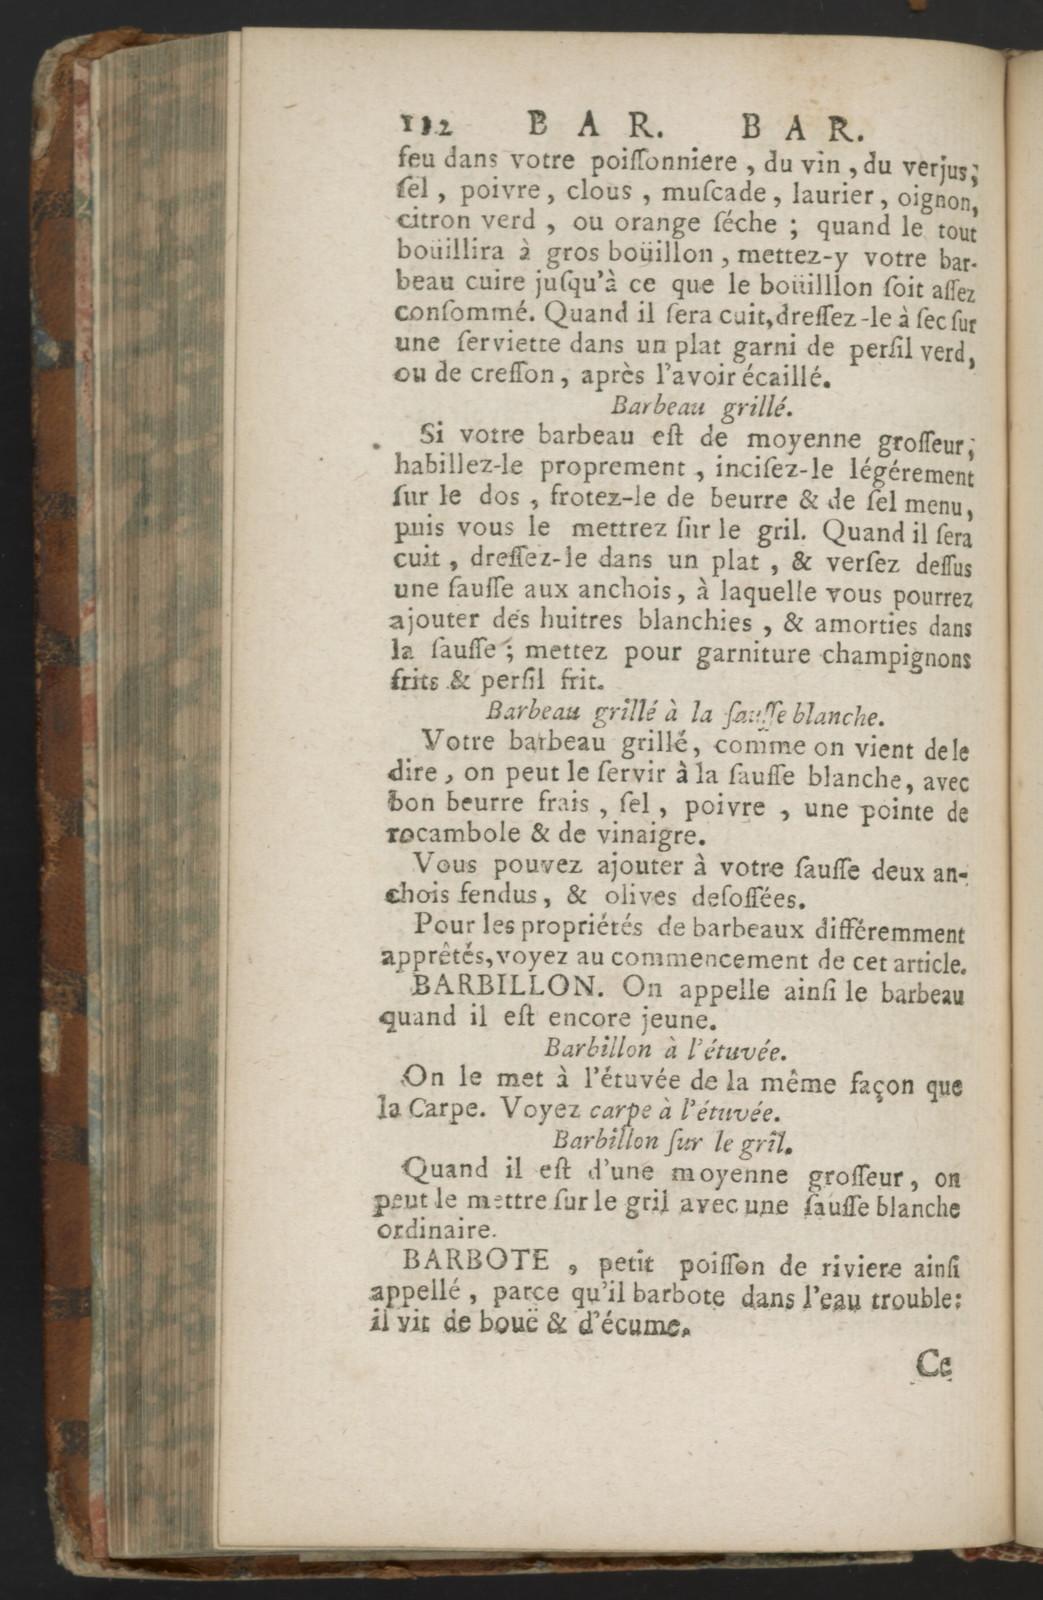 Dictionnaire des alimens, vins et liqueurs